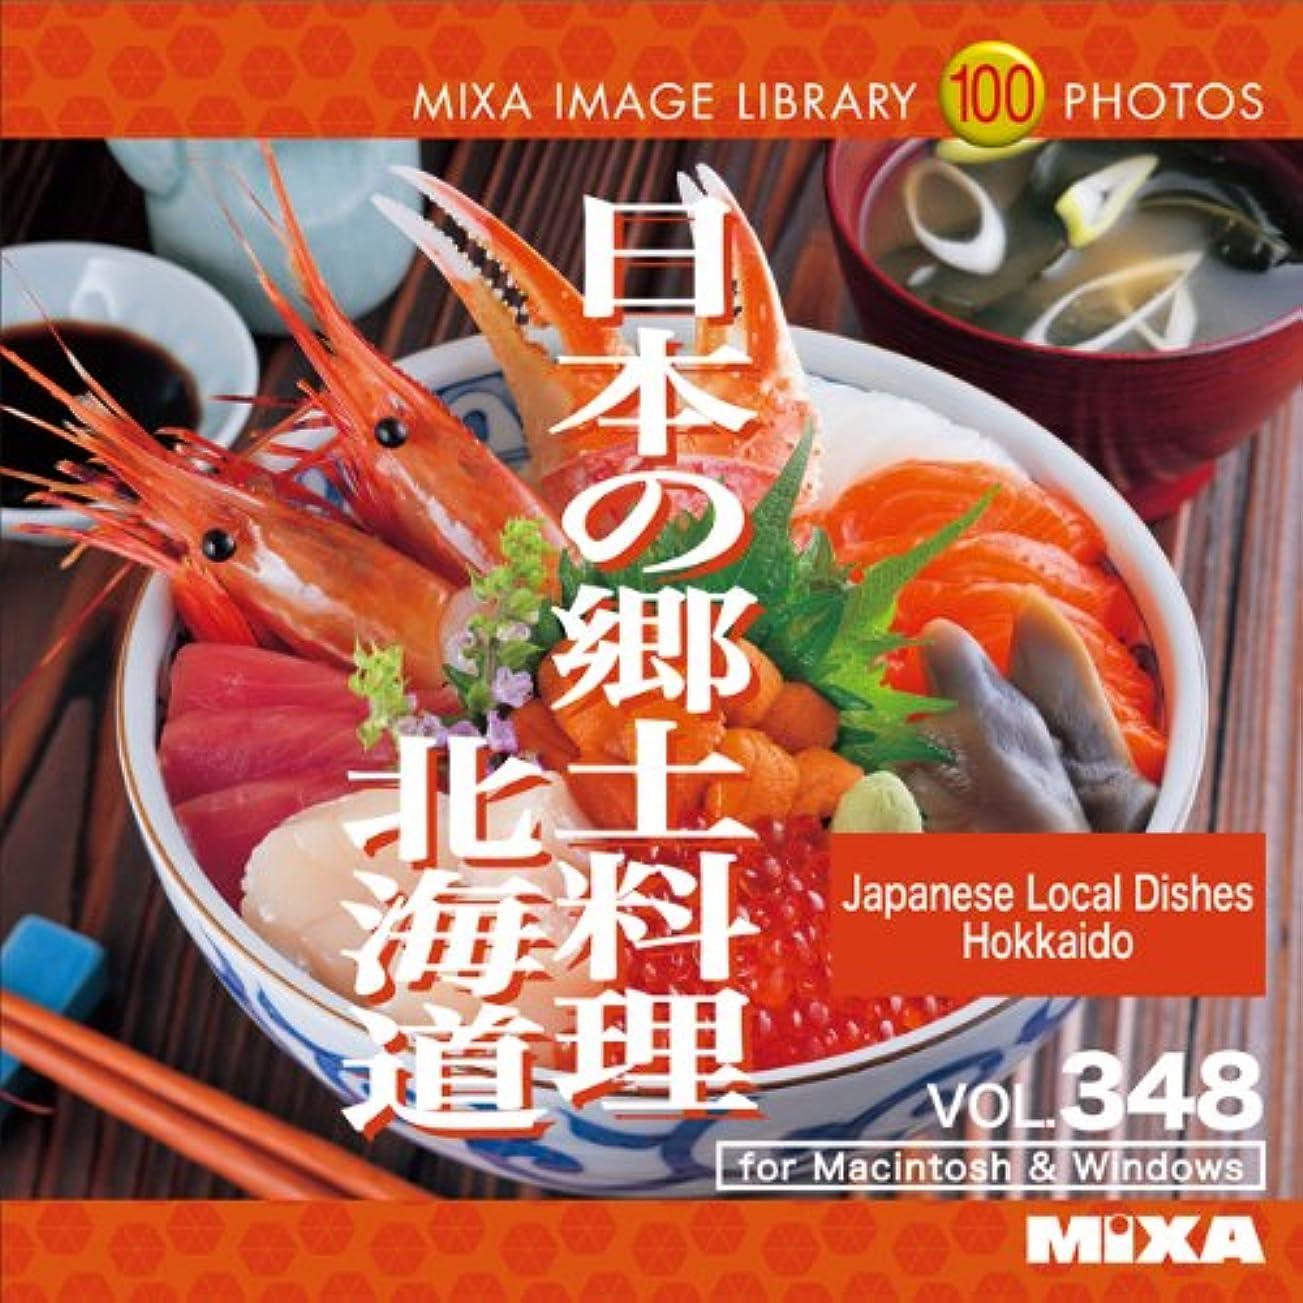 ドール抱擁連続したMIXA IMAGE LIBRARY Vol.348 日本の郷土料理 北海道